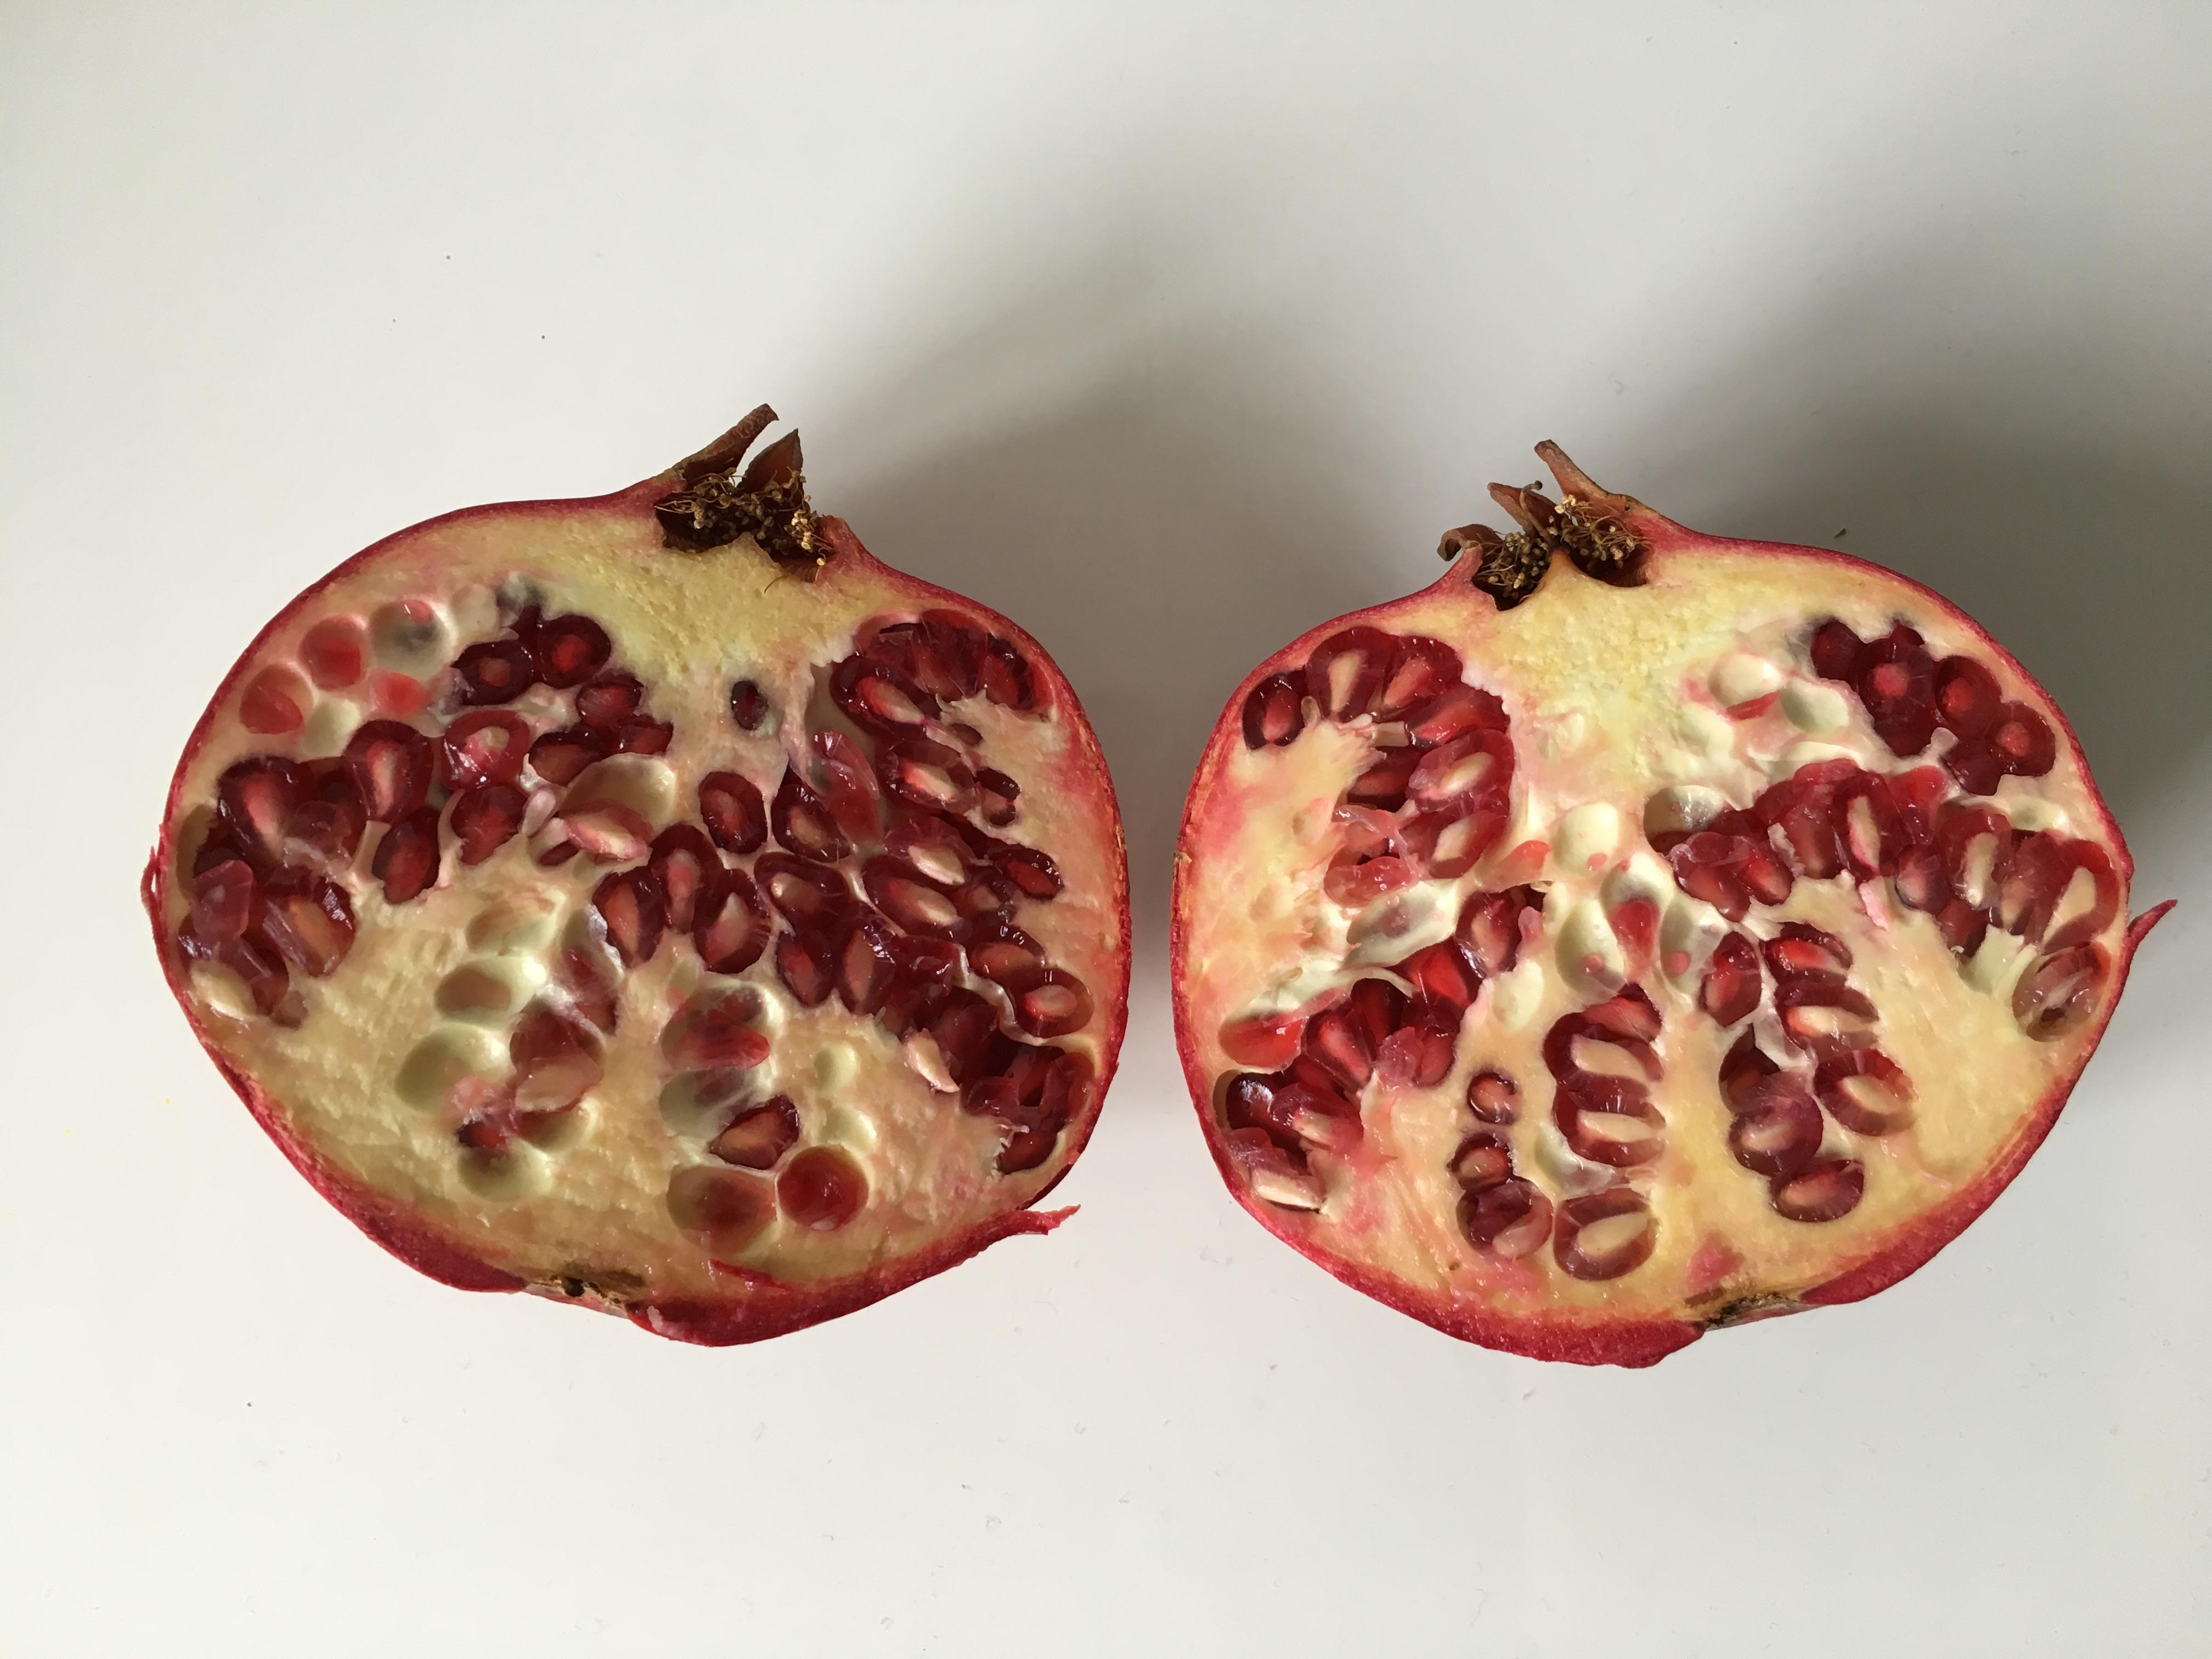 Avocadocreme auf Ofensüßkartoffel mit Granatapfel: Granatapfel